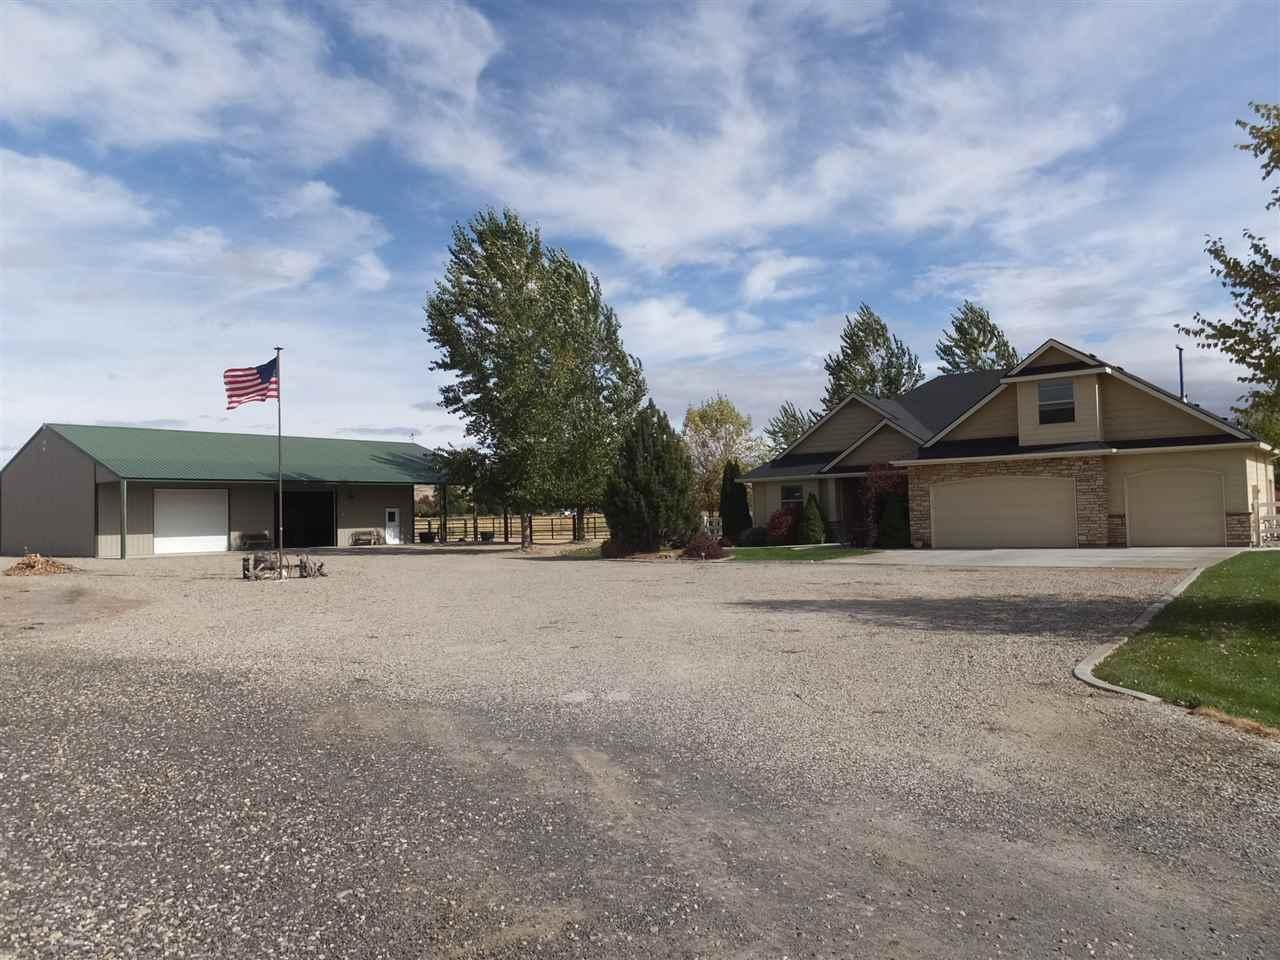 410 W Idaho Blvd, Emmett, ID 83617